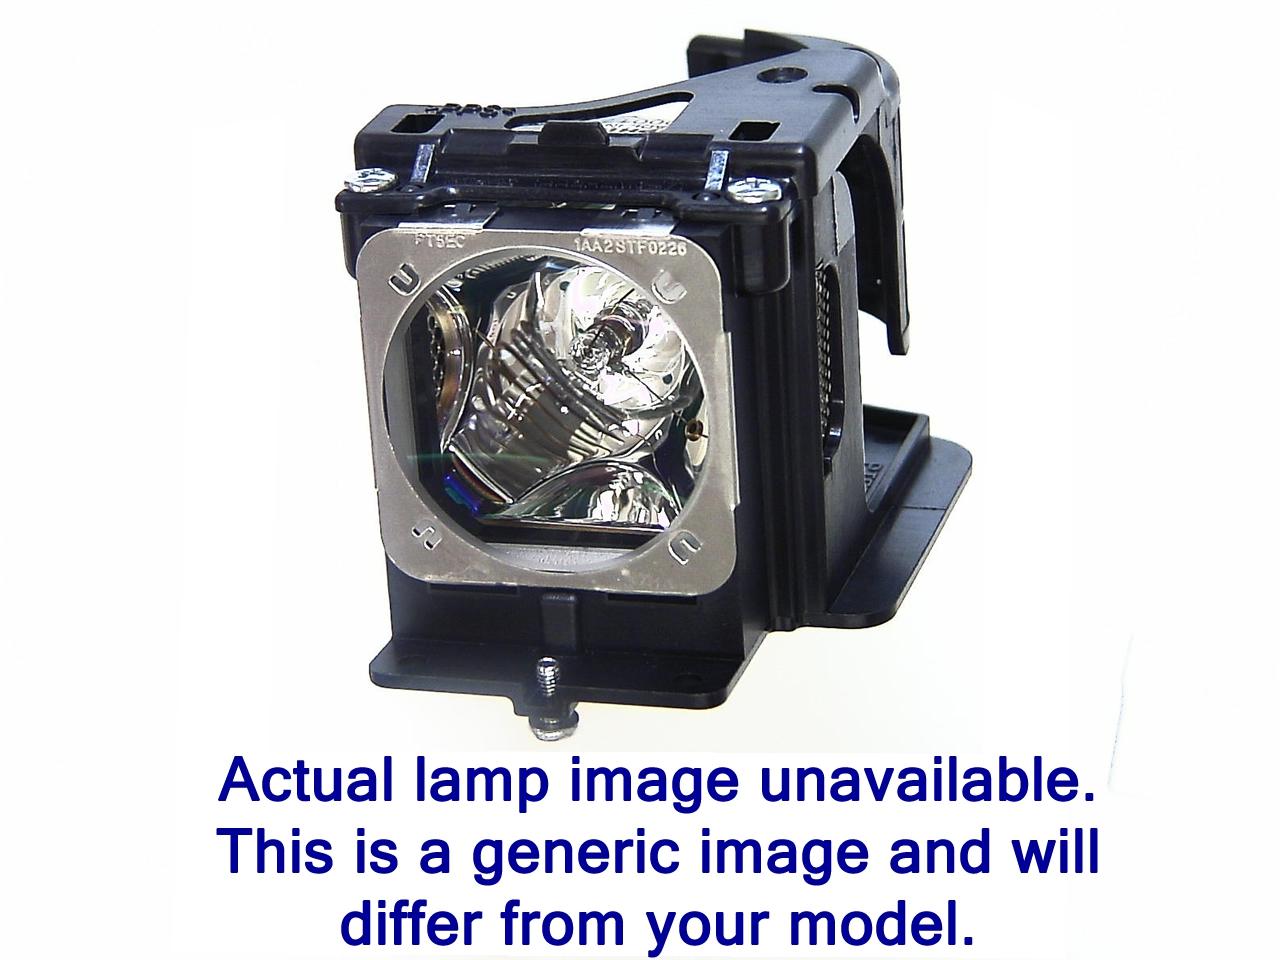 Lámpara UTAX DXL 5025